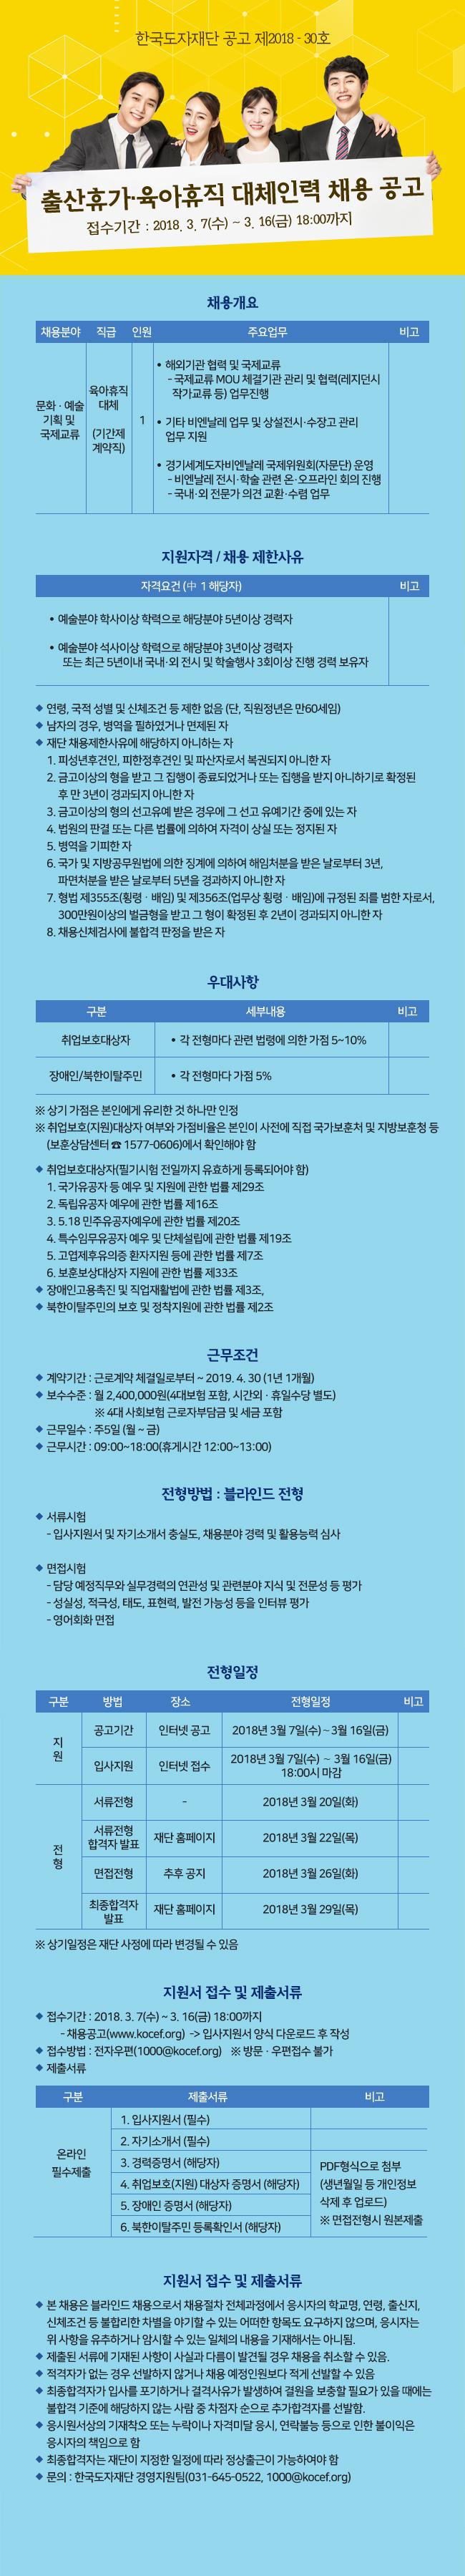 2018년 출산휴가·육아휴직 대체인력 채용 공고